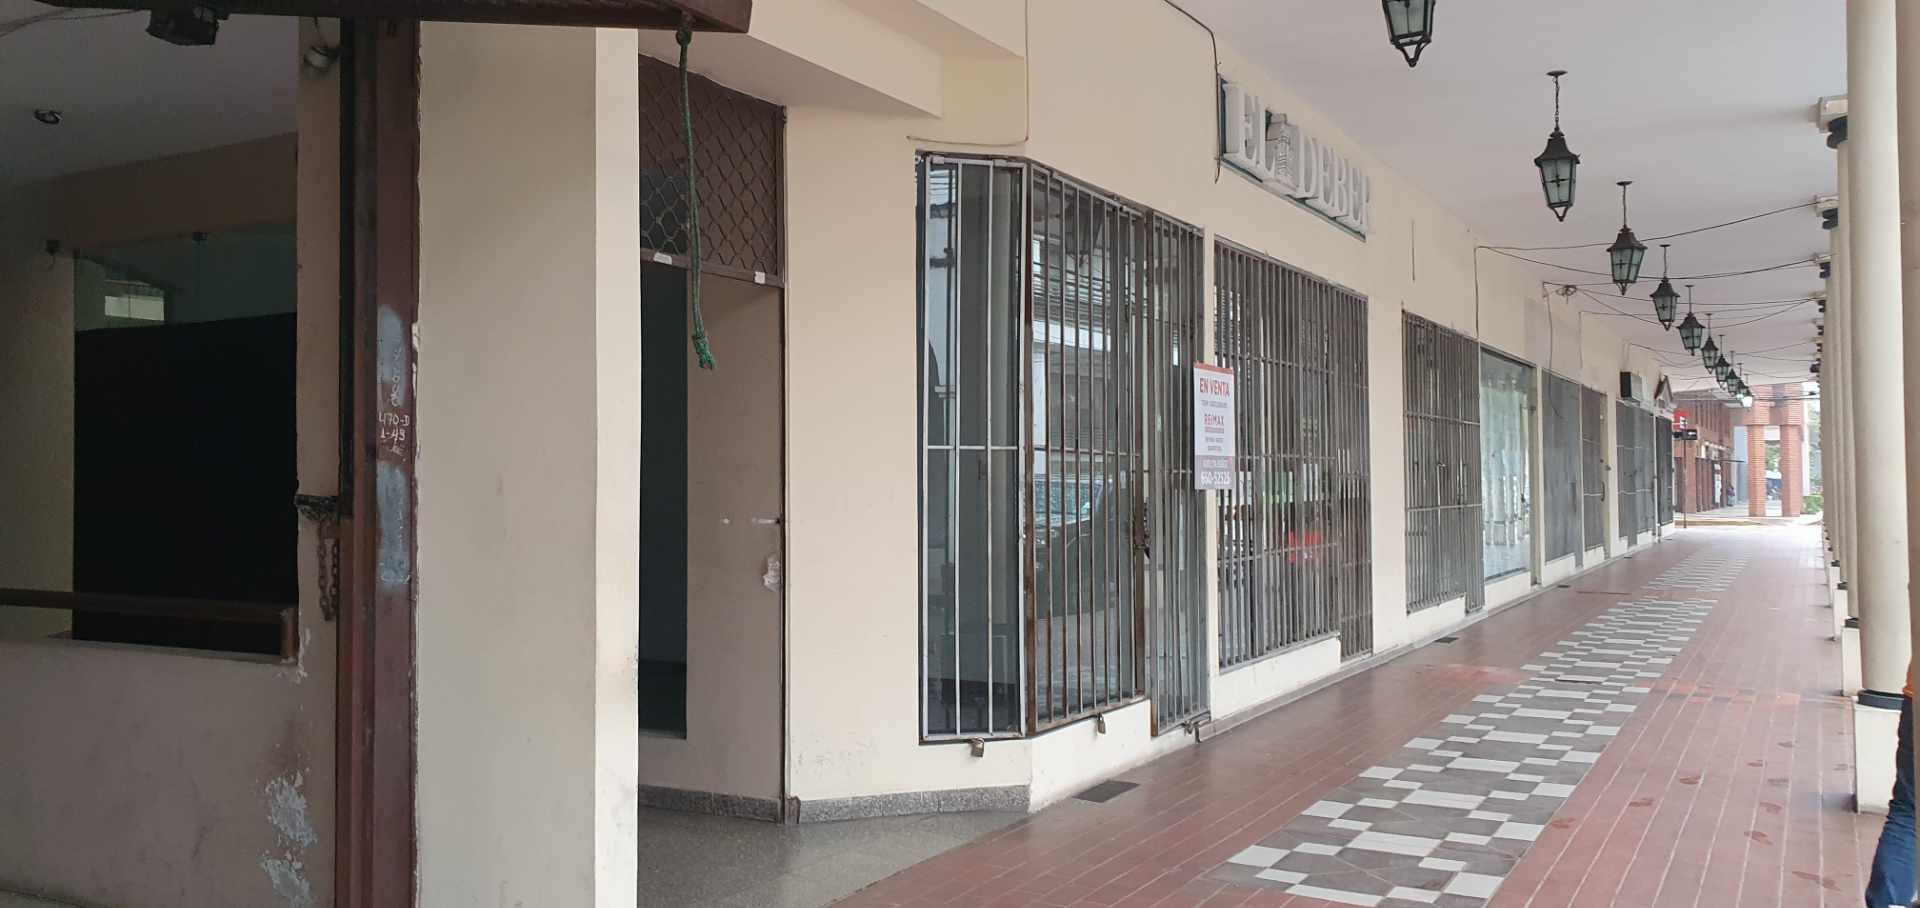 Local comercial en Venta Galería Central, Calle Ingavi esquina calle Independencia Foto 4